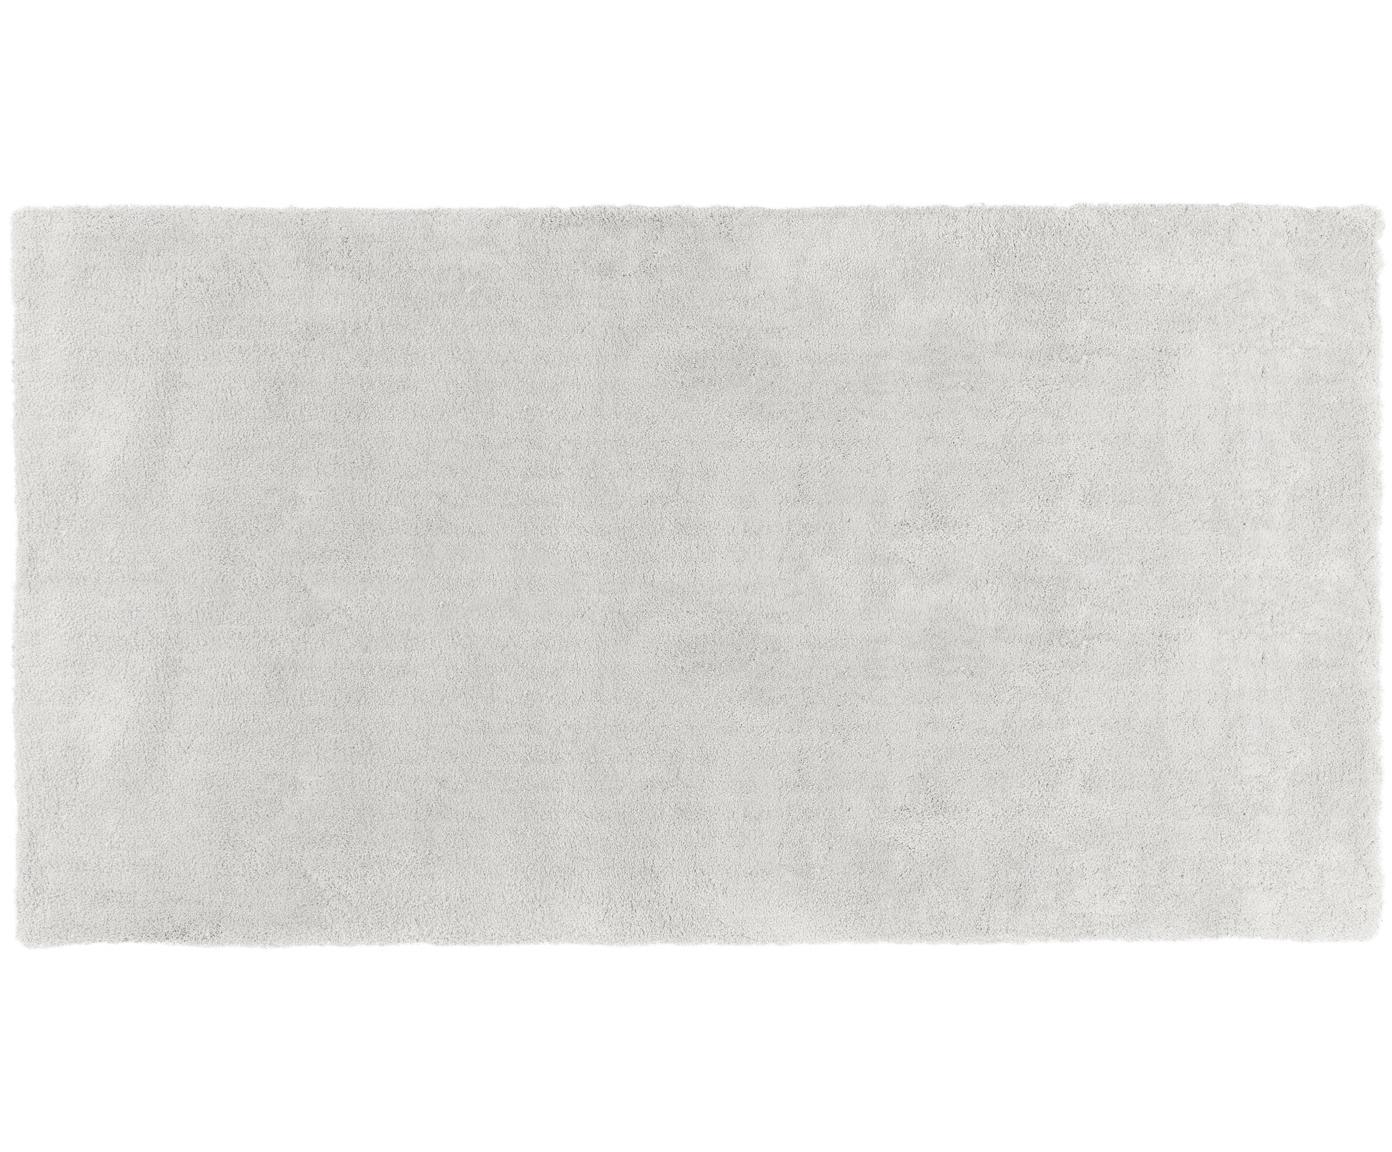 Tappeto peloso morbido grigio chiaro Leighton, Vello: 100% poliestere (microfib, Retro: 100% poliestere, Grigio chiaro, Larg. 60 x Lung. 110 cm (taglia XXS)